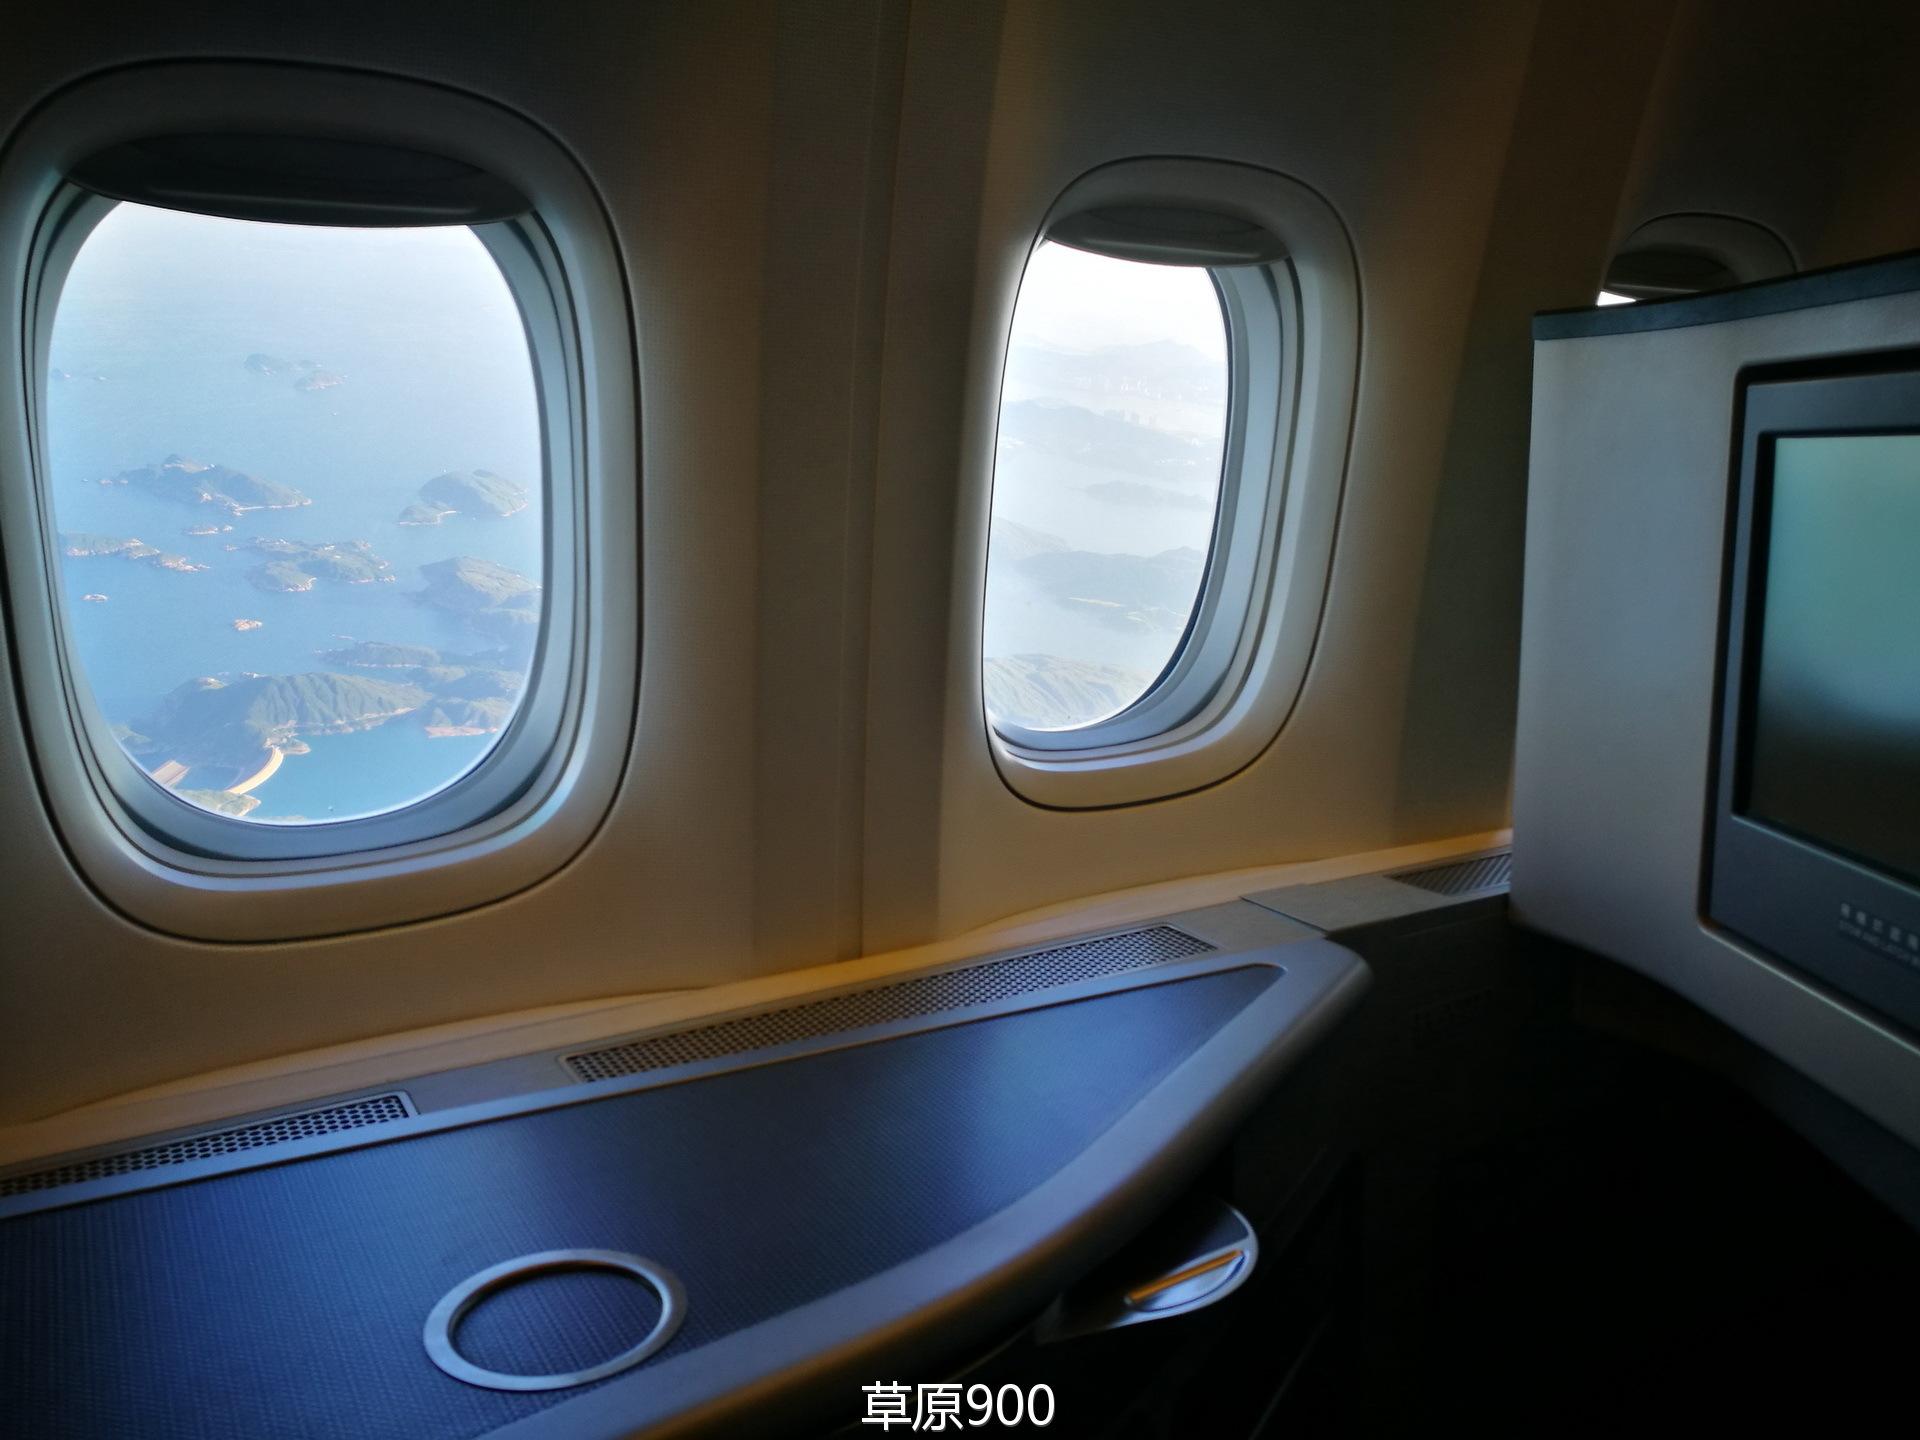 体验全球最安全航空公司之一-长荣航空的完美舒适